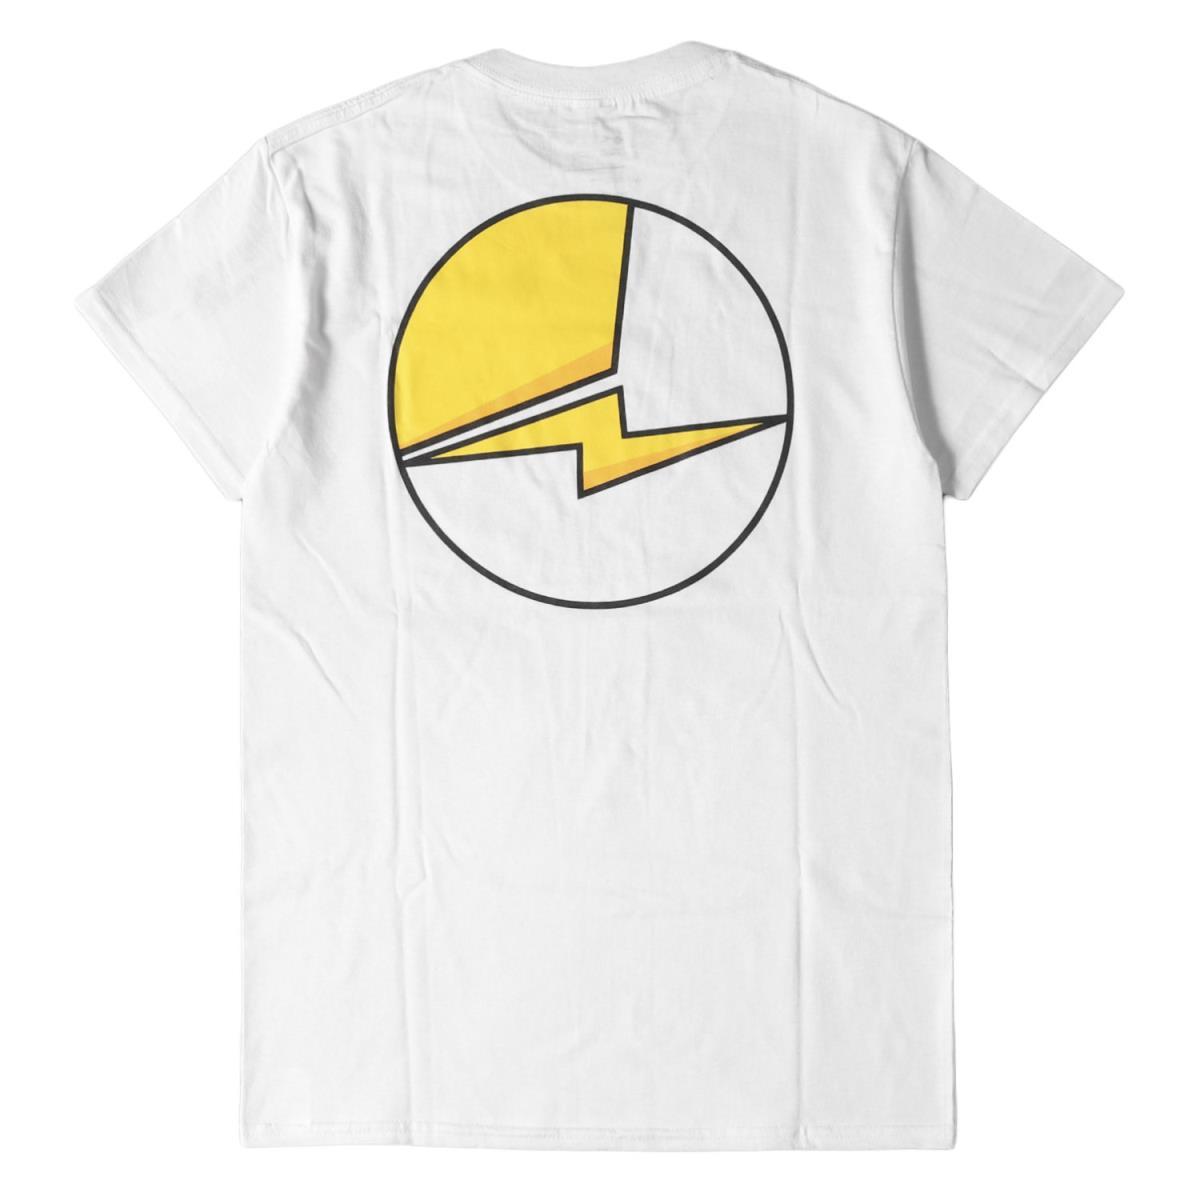 トップス, Tシャツ・カットソー fragment T THUNDERBOLT PROJECT T 18AW 1 K2738